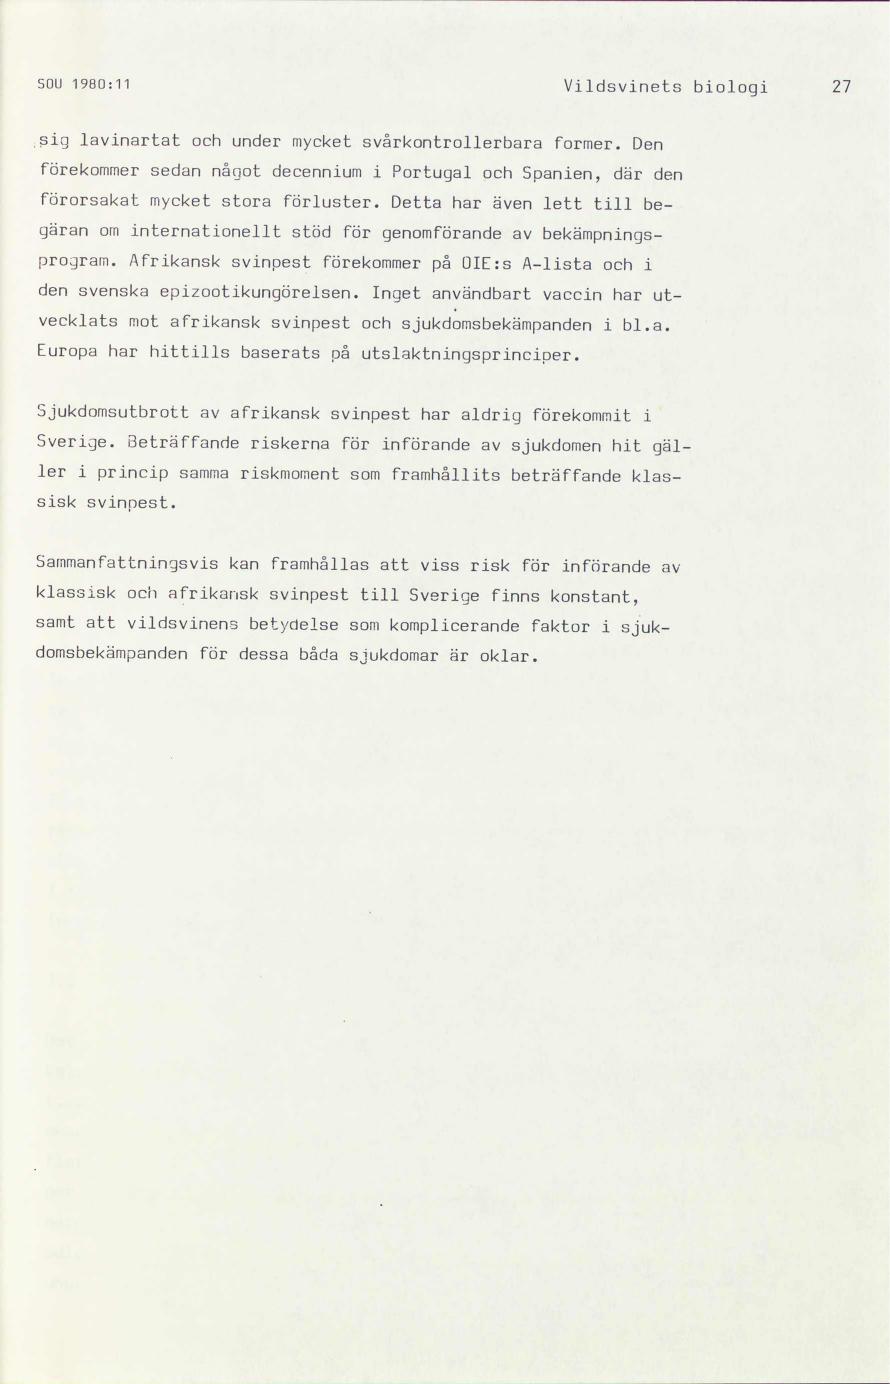 Deutsch fur ingen tyskan utrotningshotad i sverige